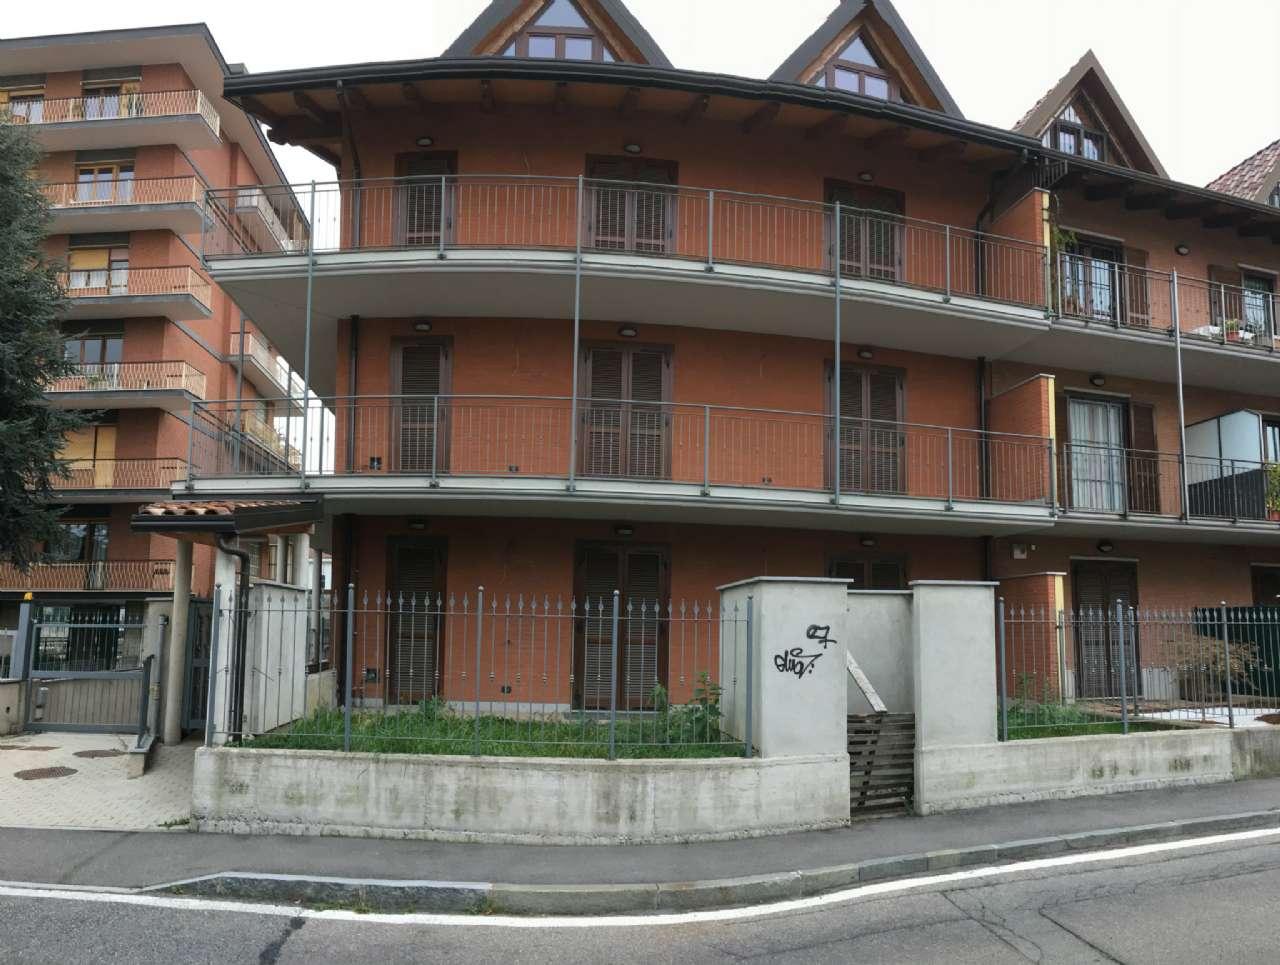 Appartamento in vendita a Collegno, 3 locali, zona Località: ReginaMargherita, prezzo € 215.000   CambioCasa.it